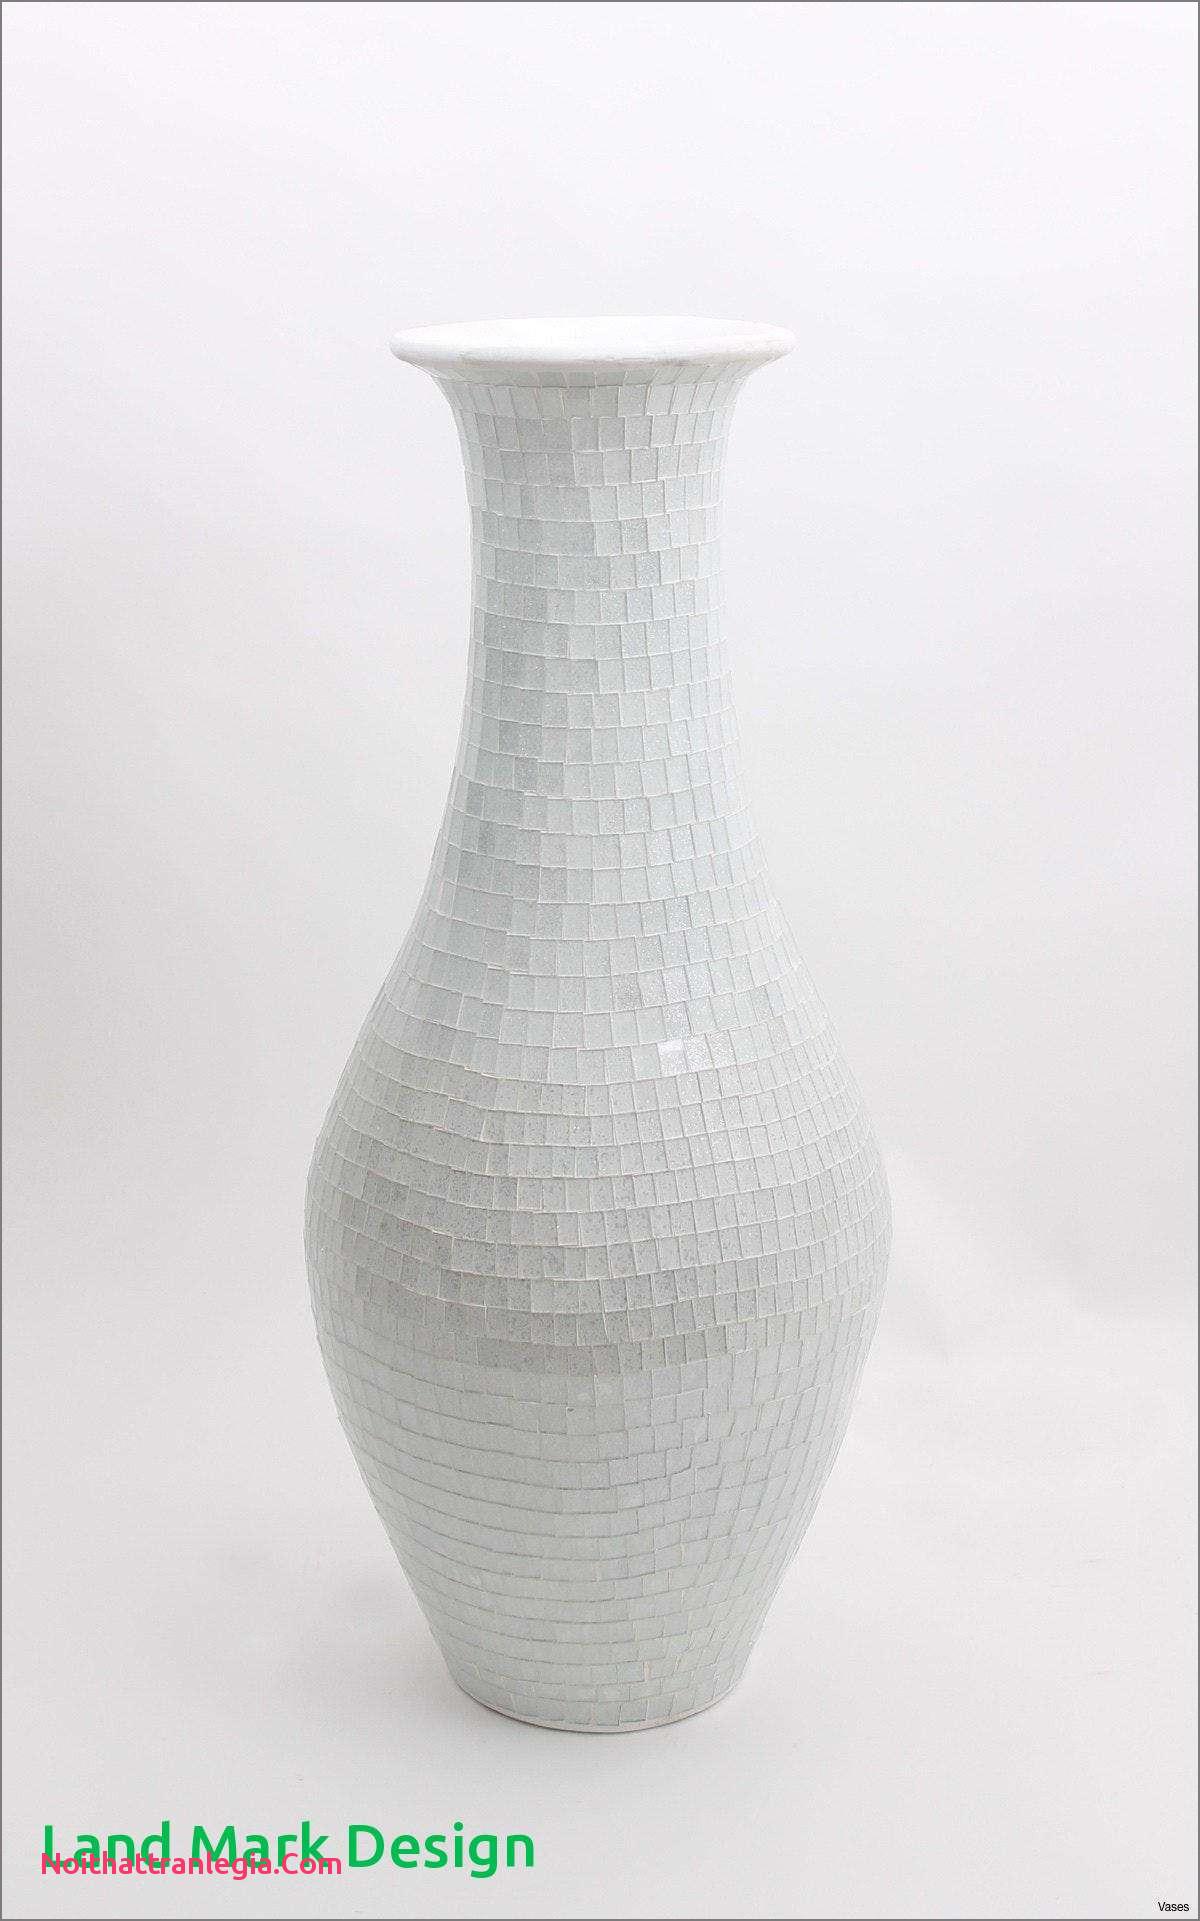 30 Spectacular Tall Glass Vases Ikea 2021 free download tall glass vases ikea of 20 large floor vase nz noithattranlegia vases design inside full size of living room floor vases tall elegant pe s5h vases ikea floor vase